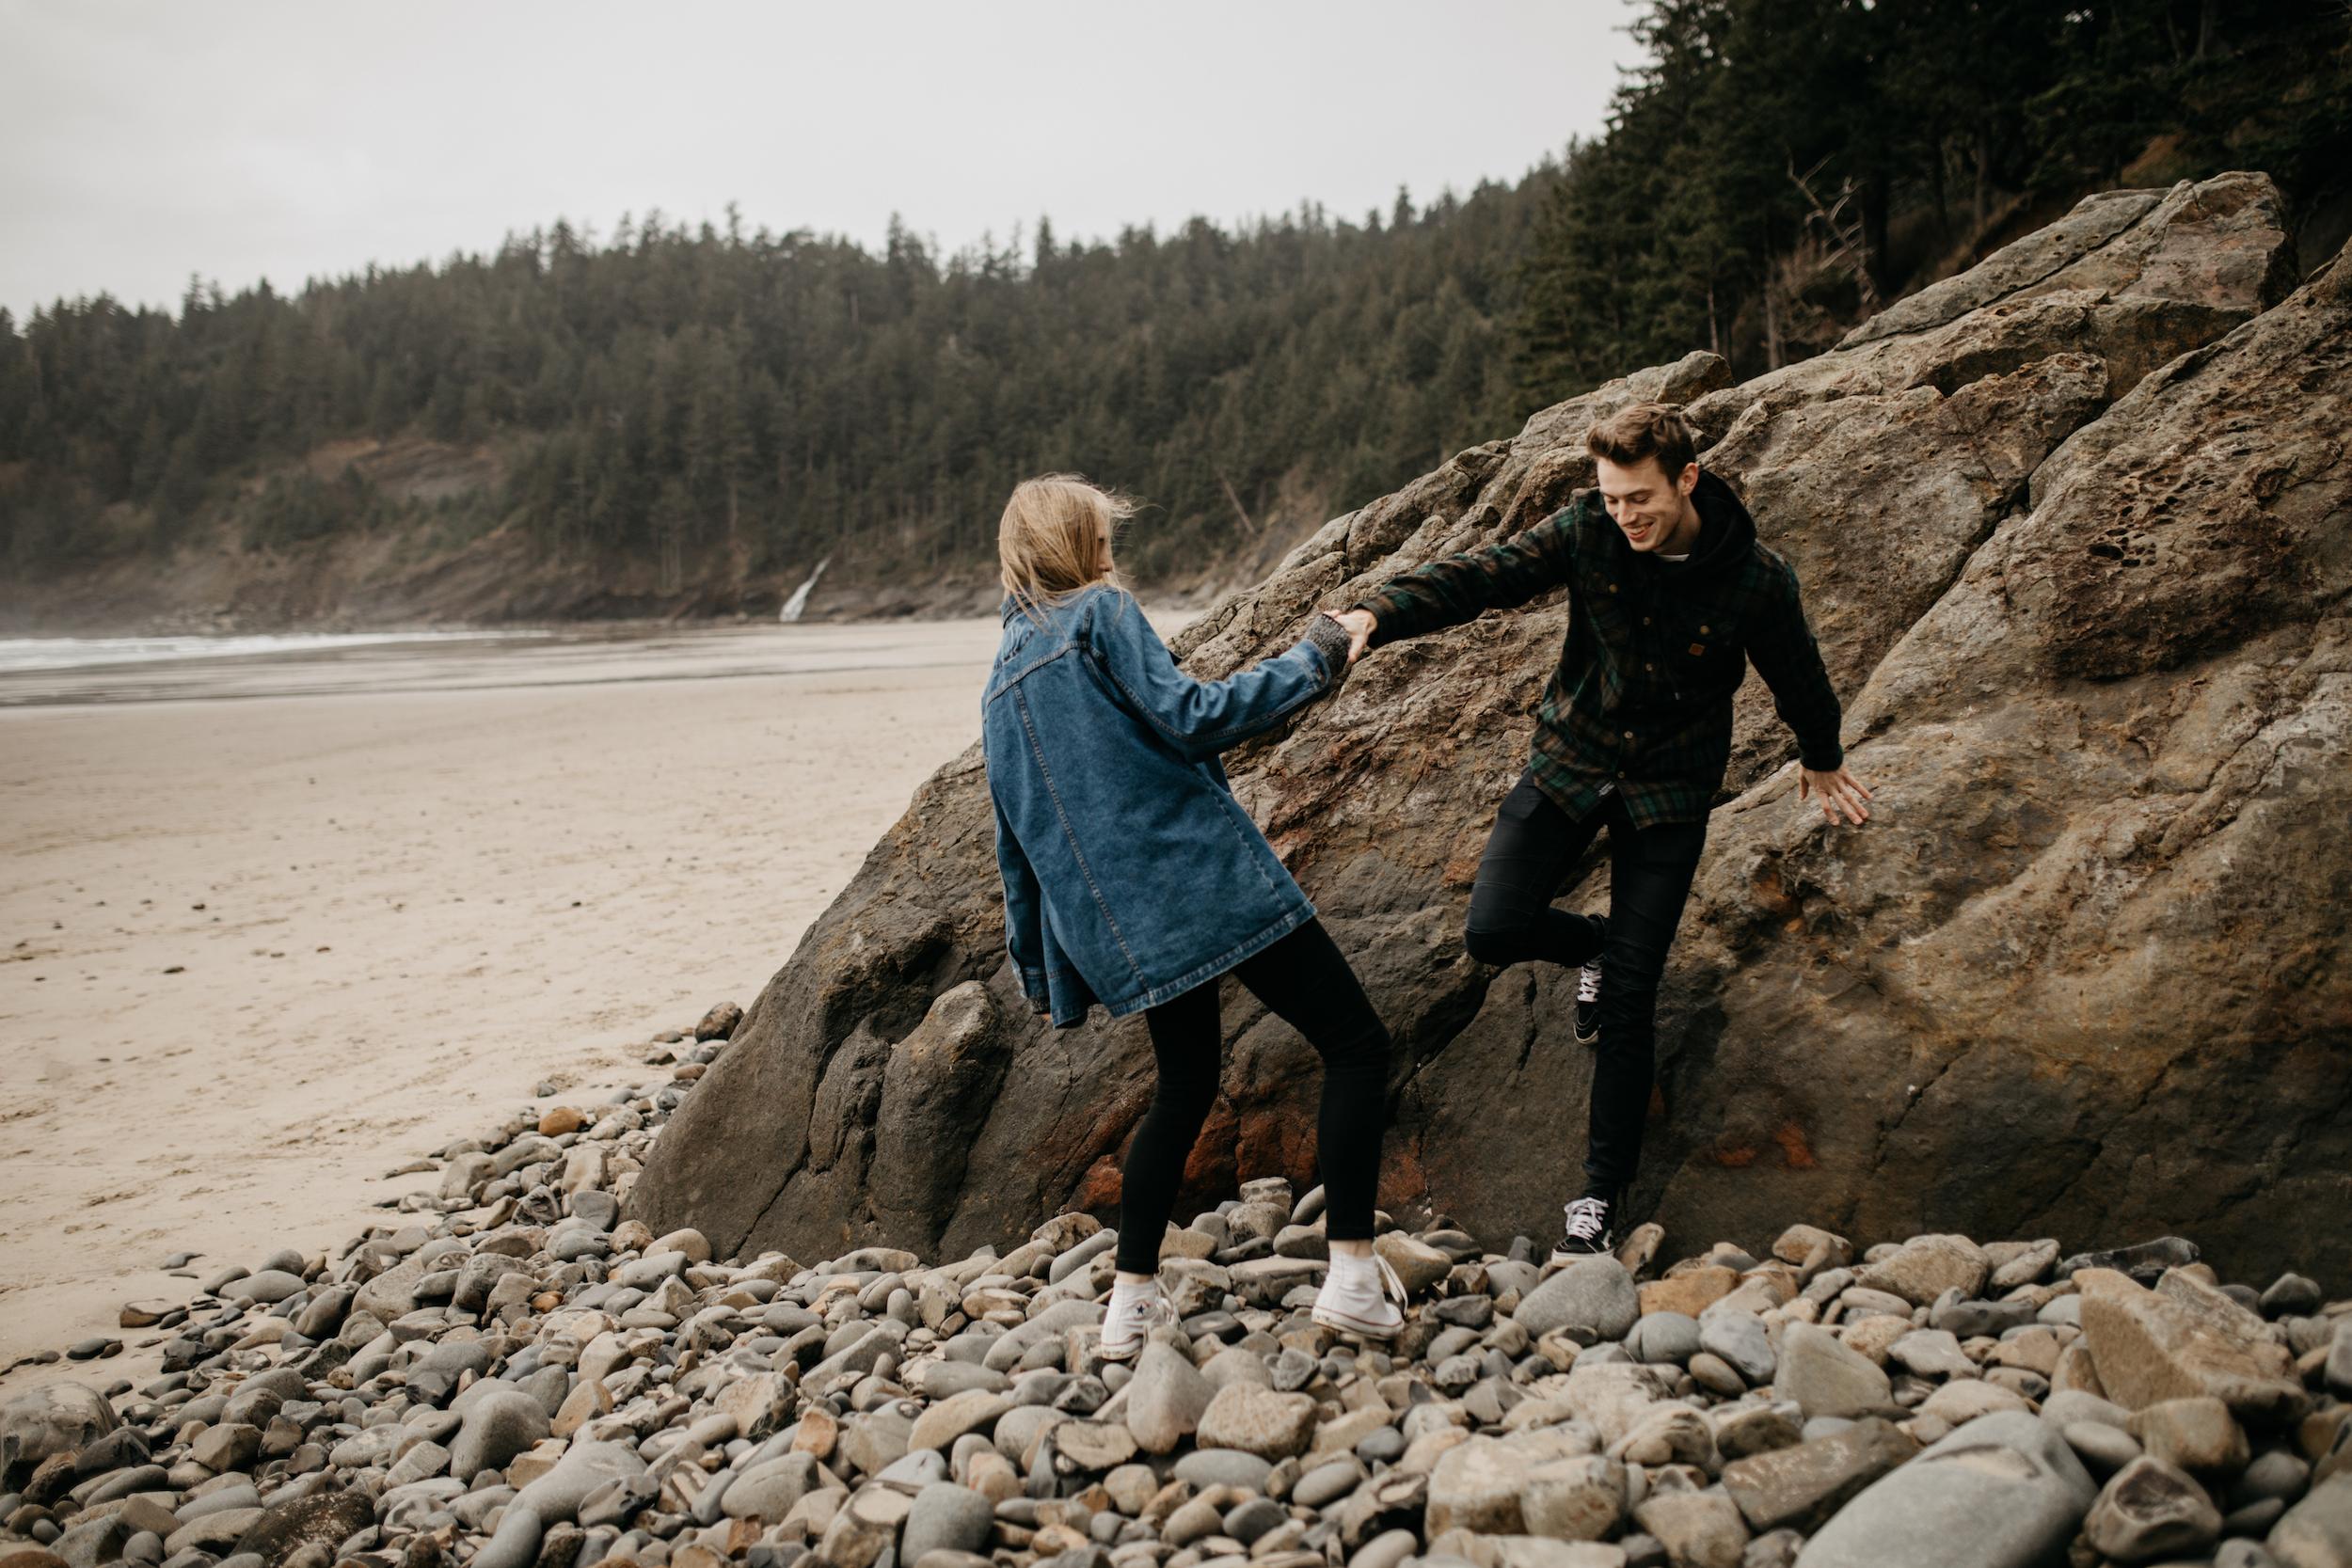 oswald-state-park-oregon-coast-engagement-photographer021.jpg